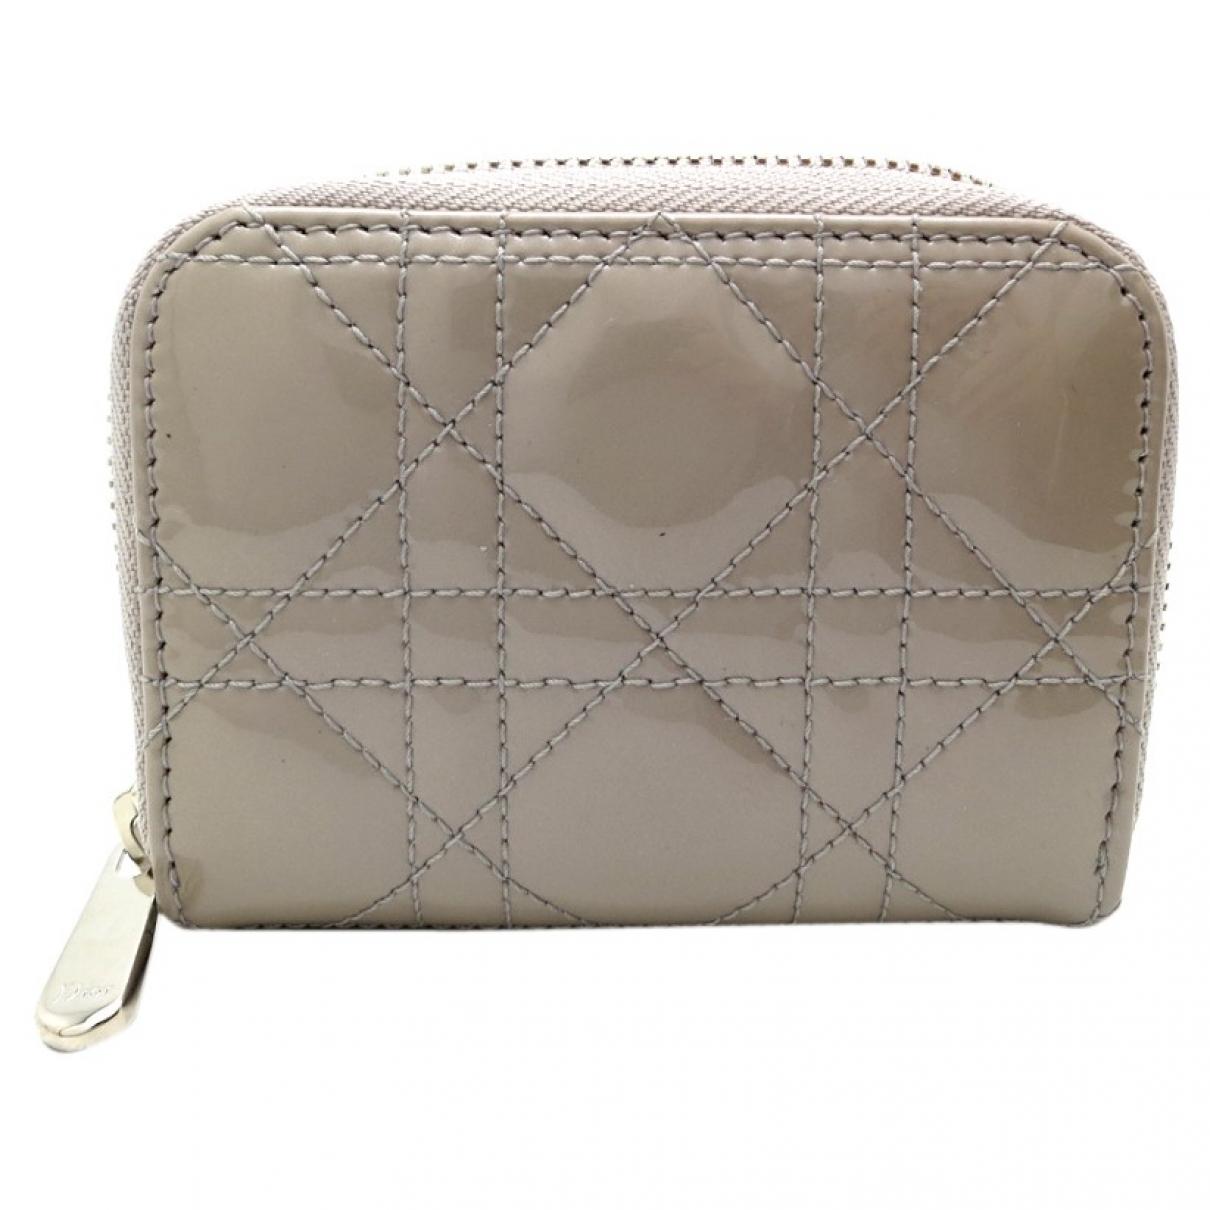 Dior - Portefeuille   pour femme en cuir verni - gris